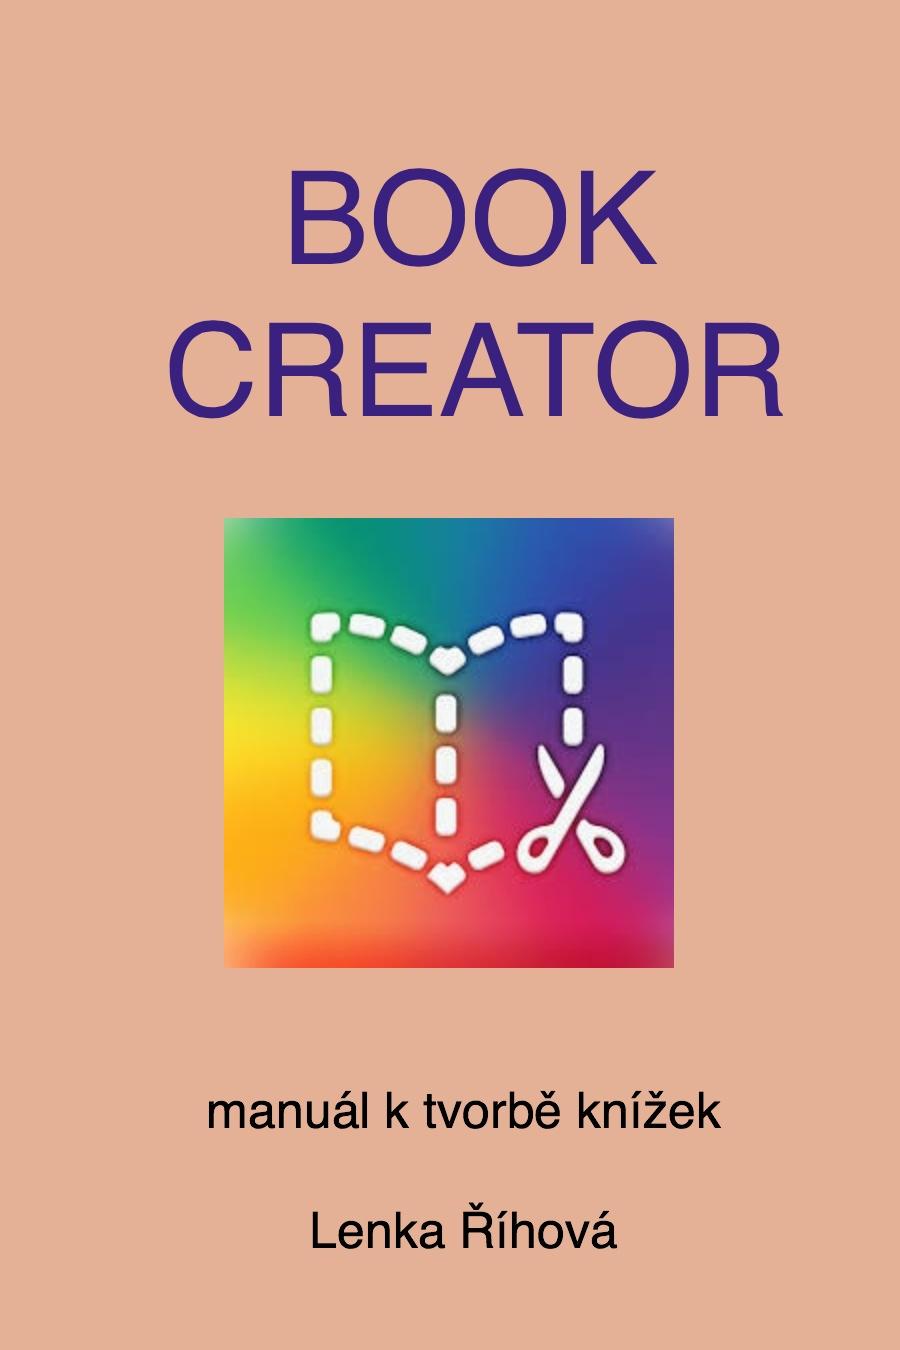 Jak vytvářet knížky v BookCreator